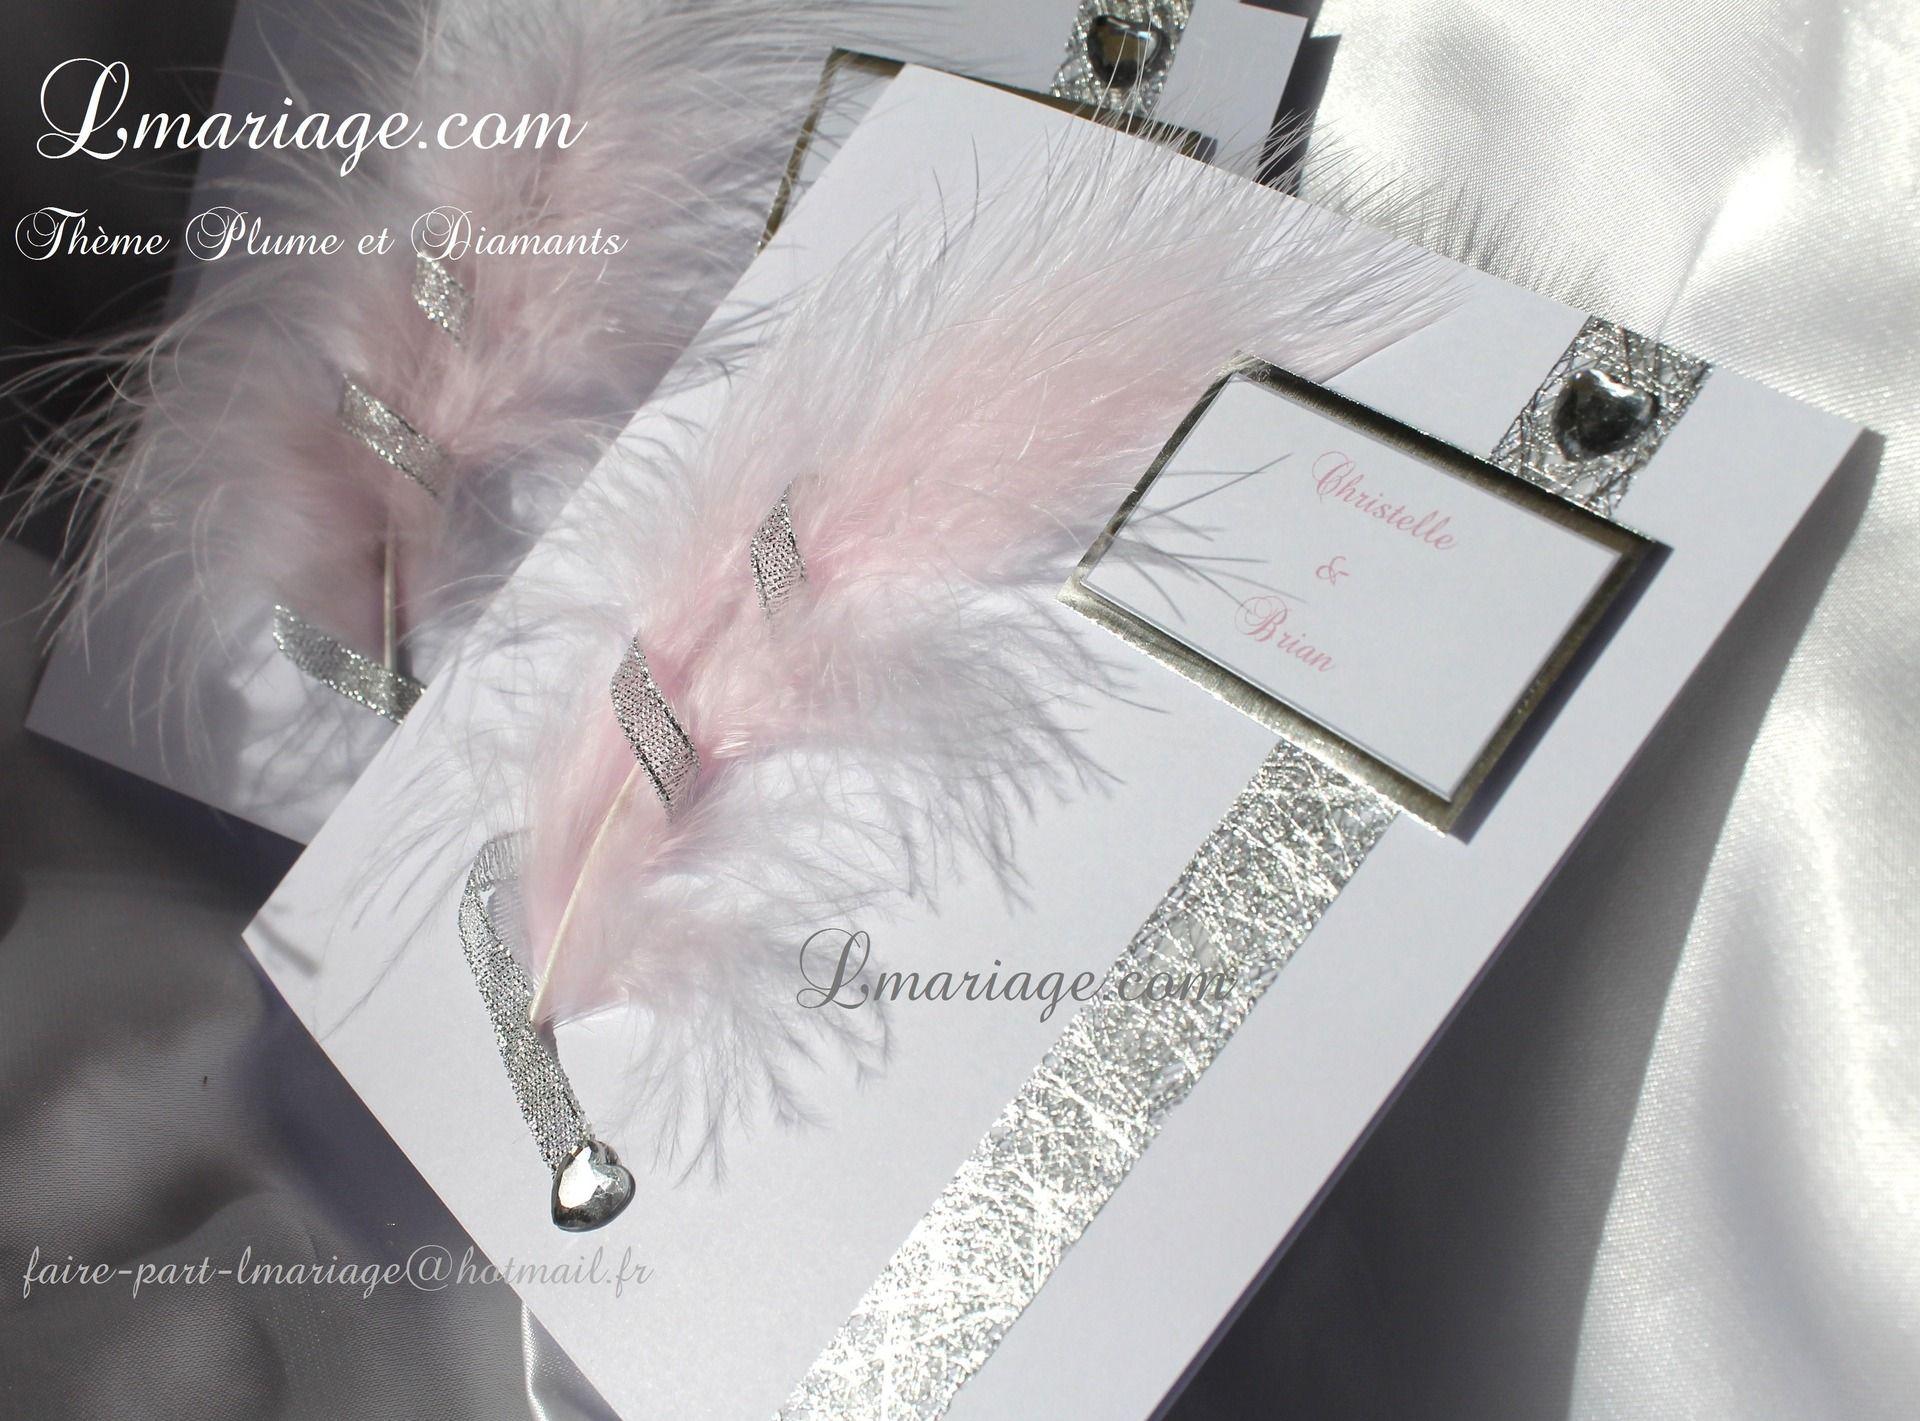 Bien-aimé Faire-part thème plume et diamants en blanc, argent et plume rose  AJ49